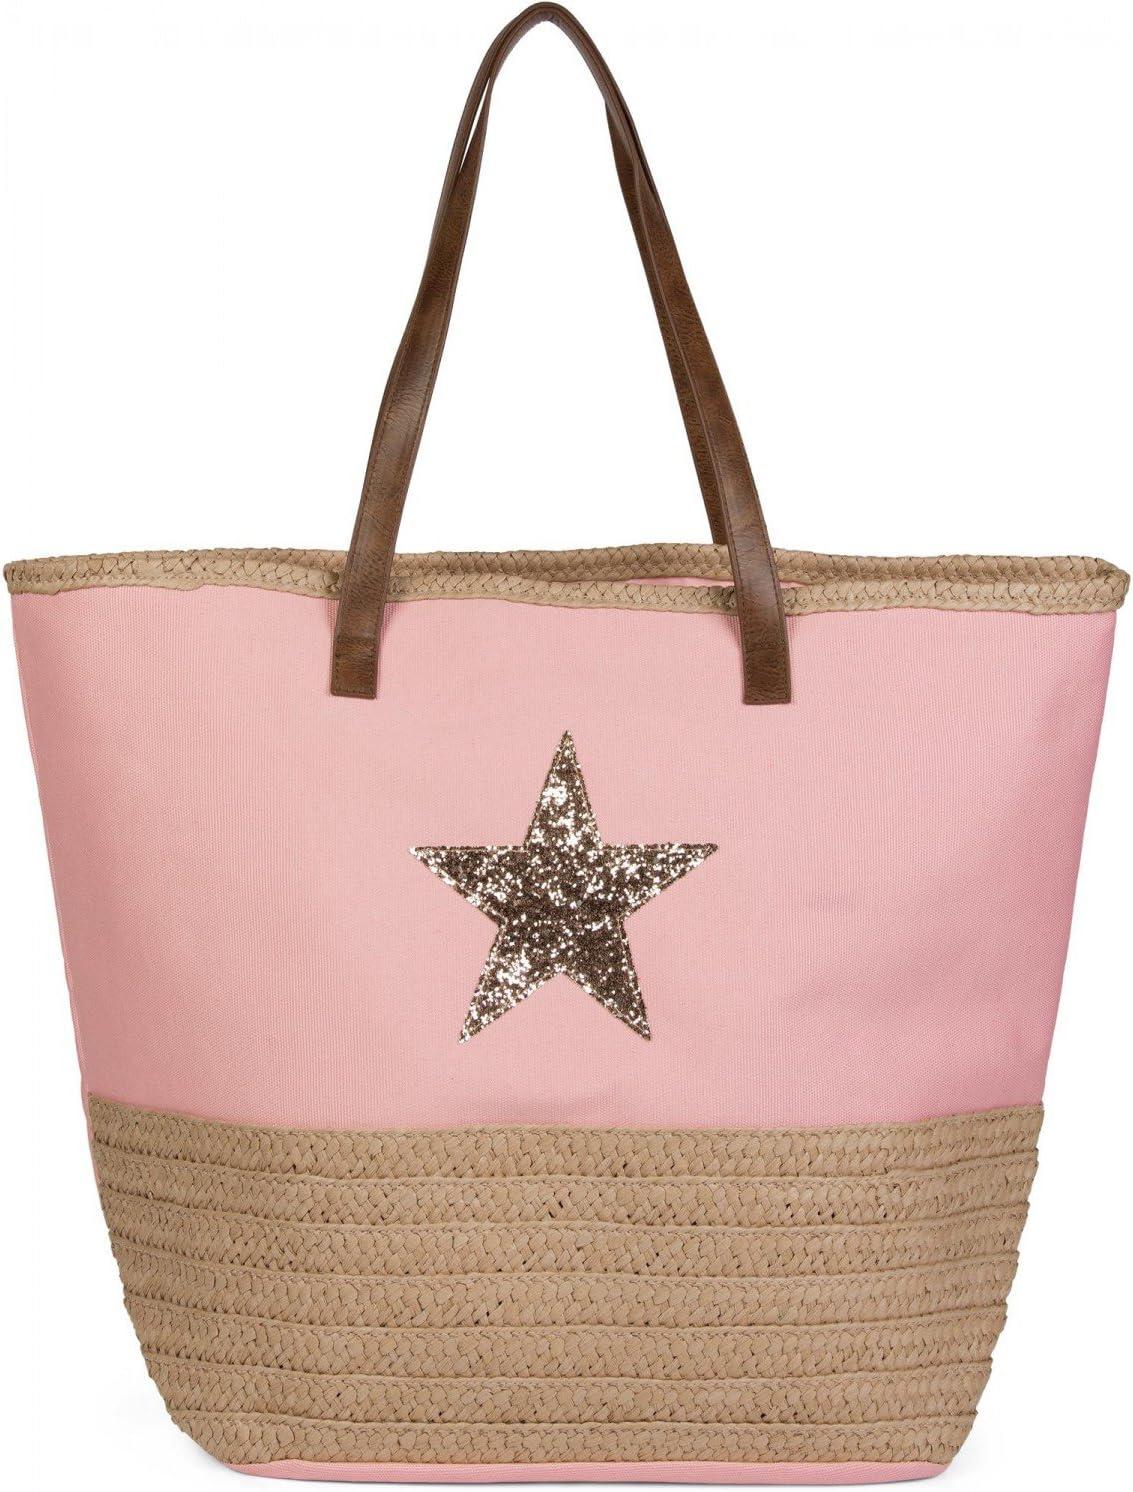 styleBREAKER Bolso para la Playa con Lentejuelas, Estrella y Rafia, Bolso de Hombro, Bolso de Tipo «Shopper», Bolso de baño, señora 02012058, Color:Rosa